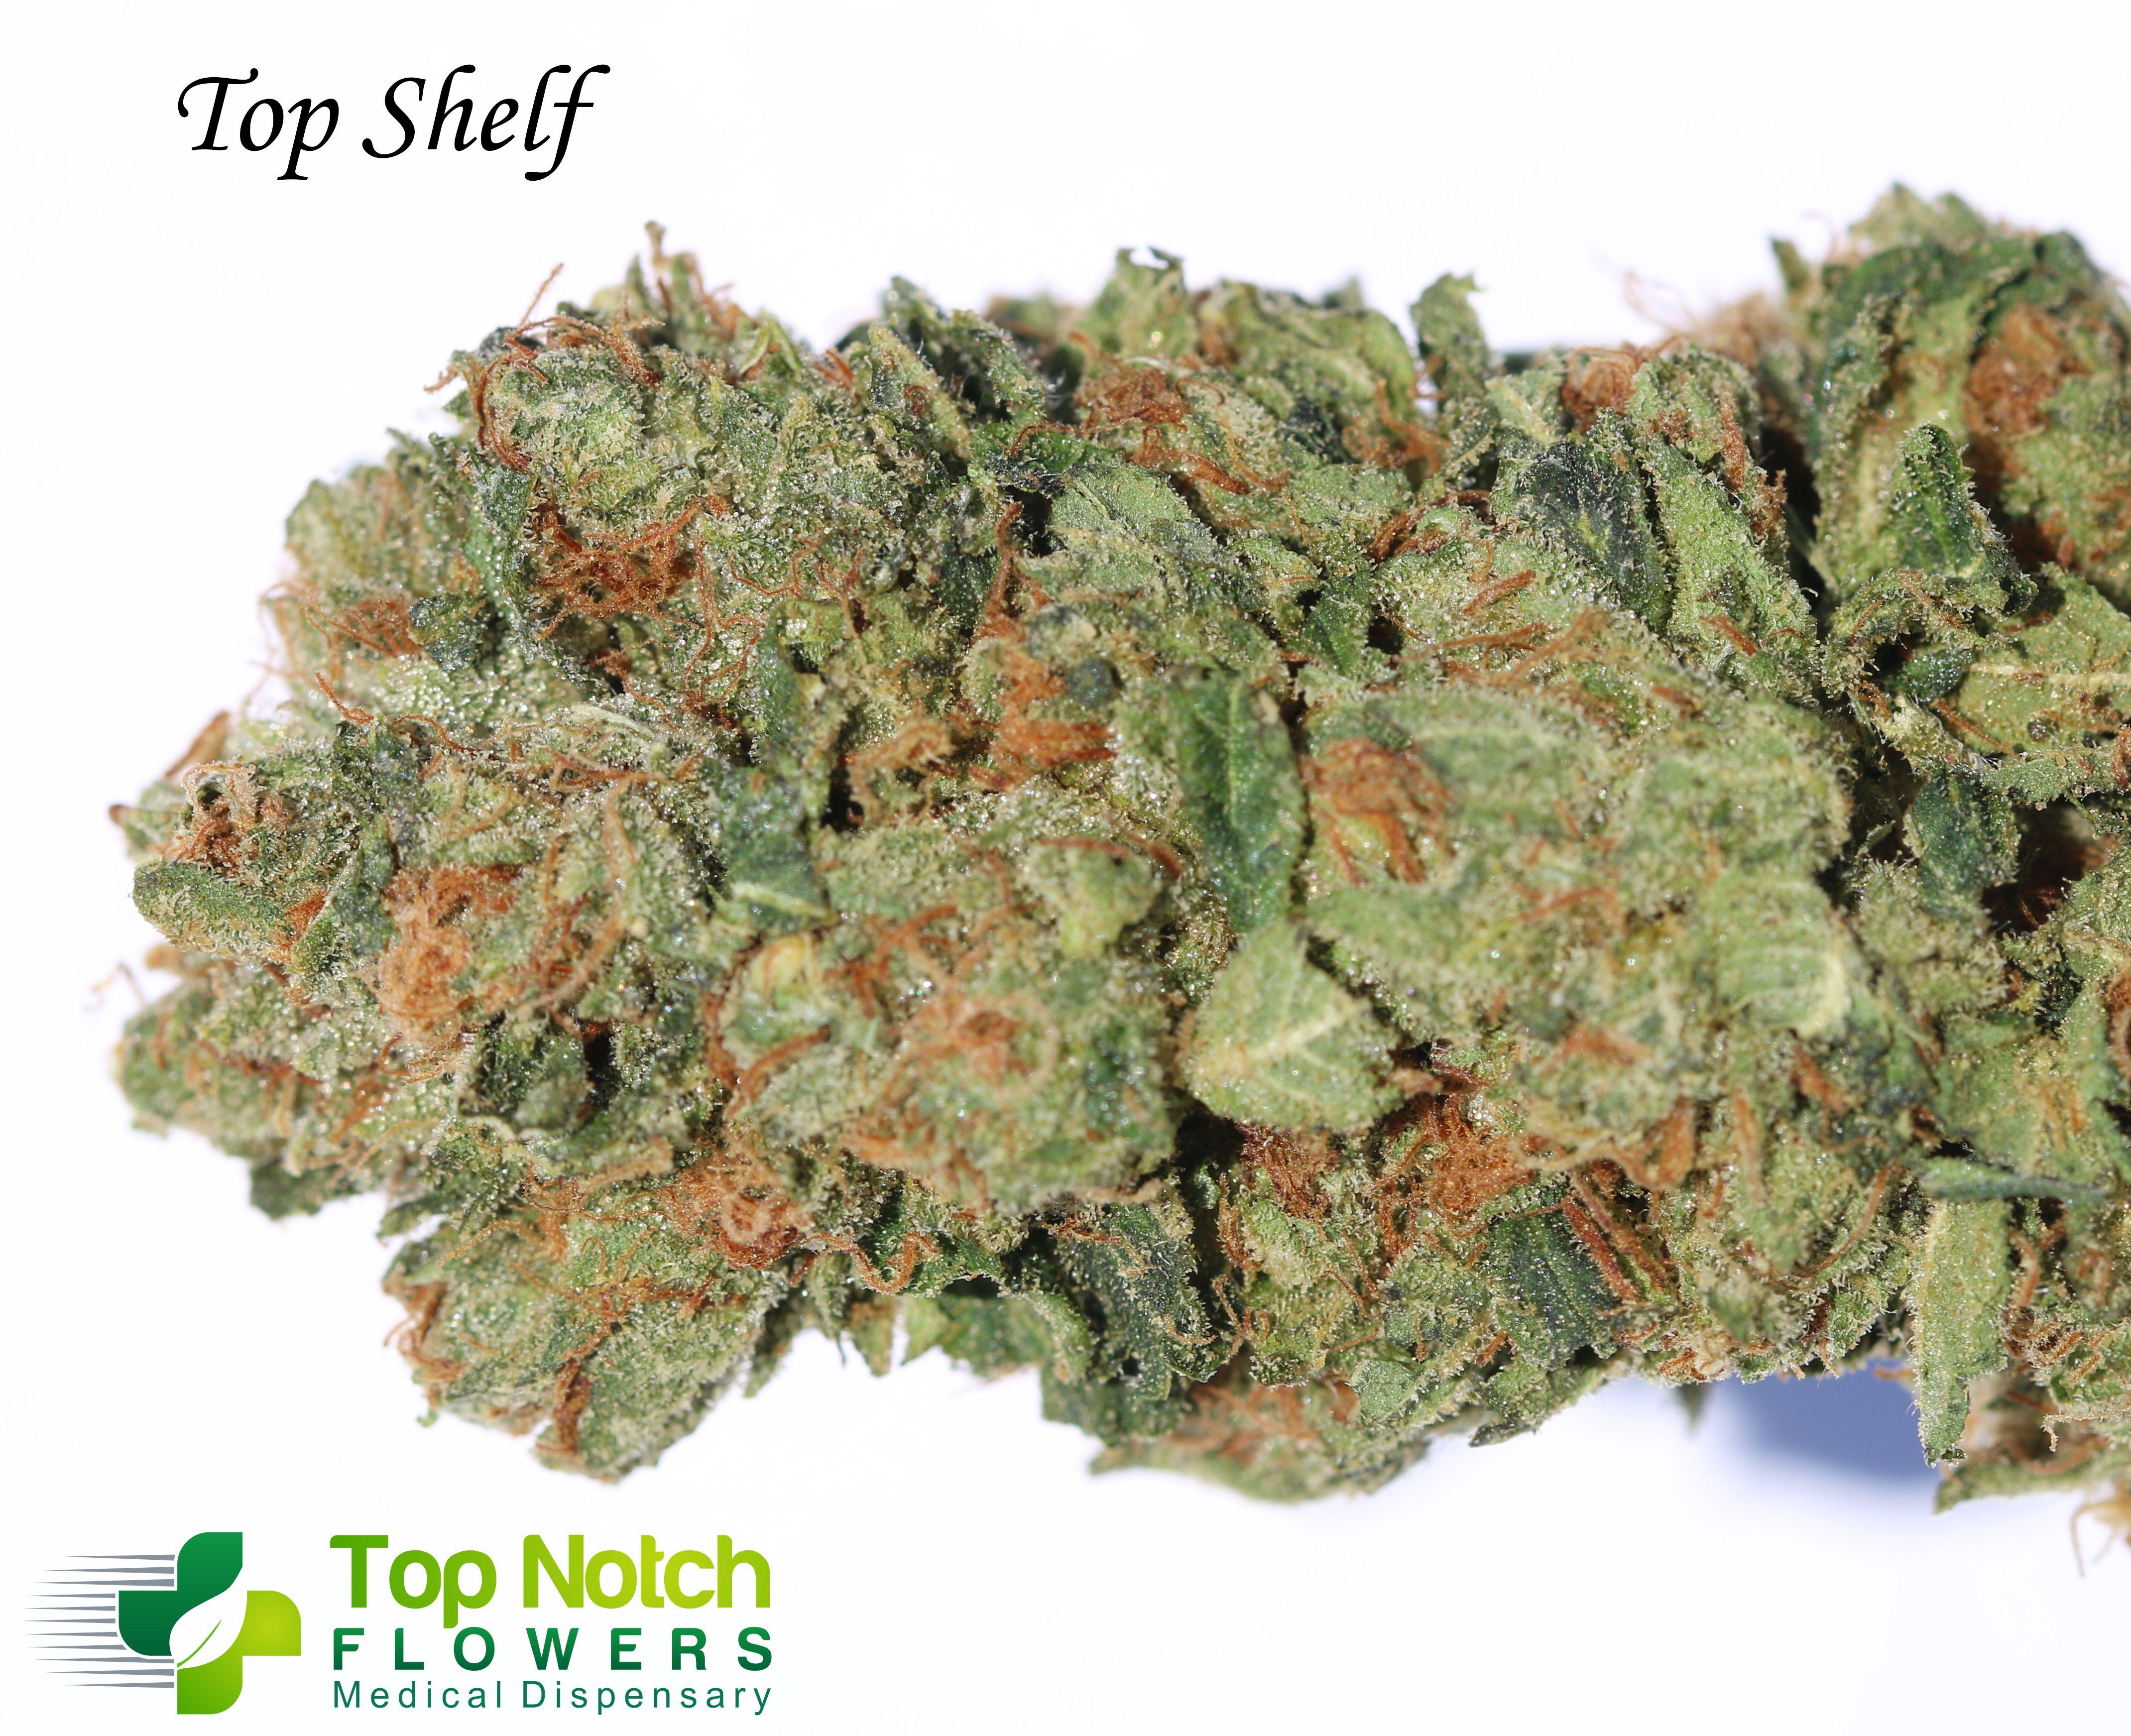 Top Shelf True OG